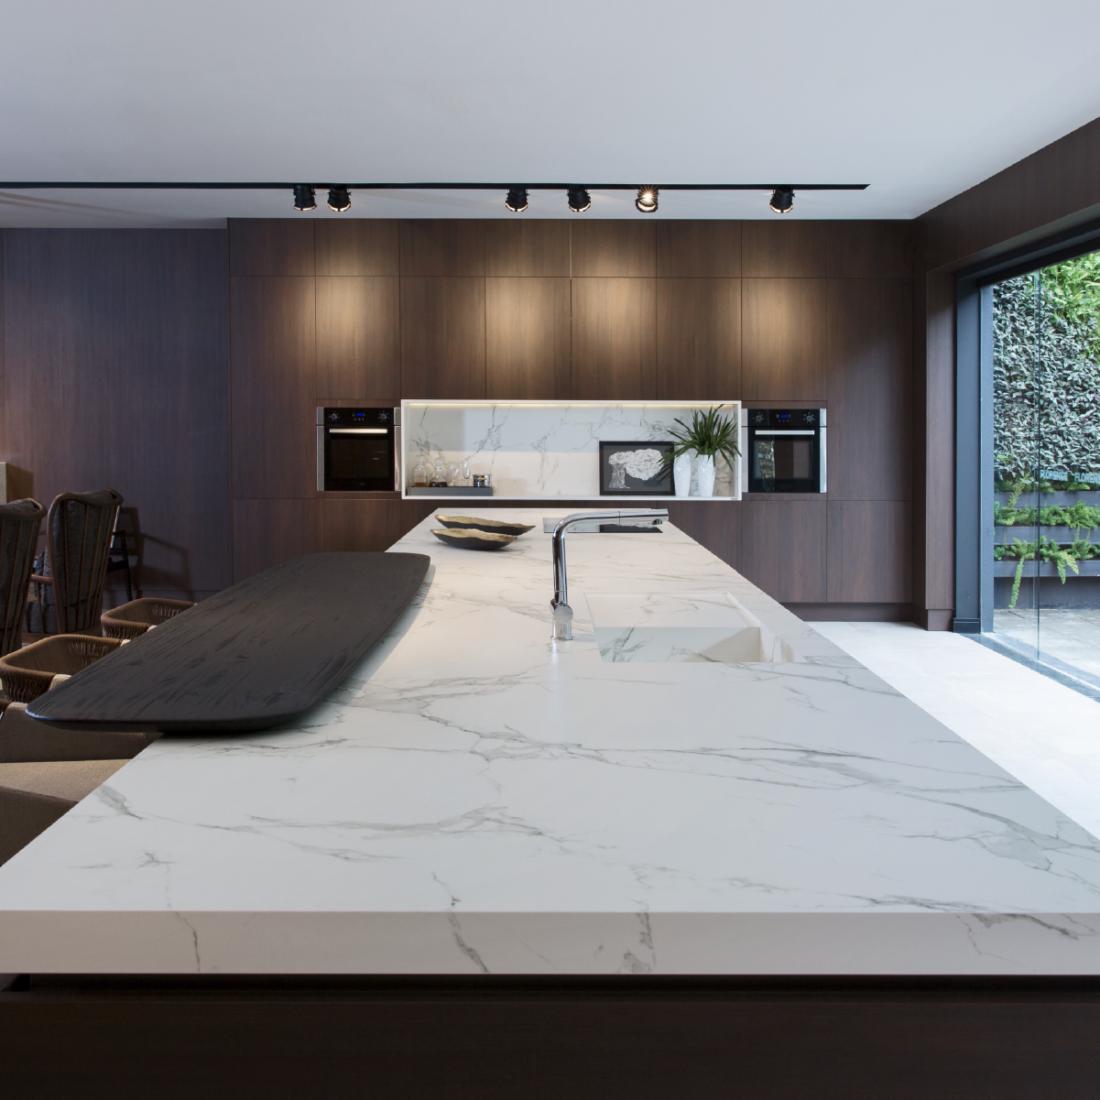 Image of Mesa de trabajo 6@2x in Kitchens - Cosentino